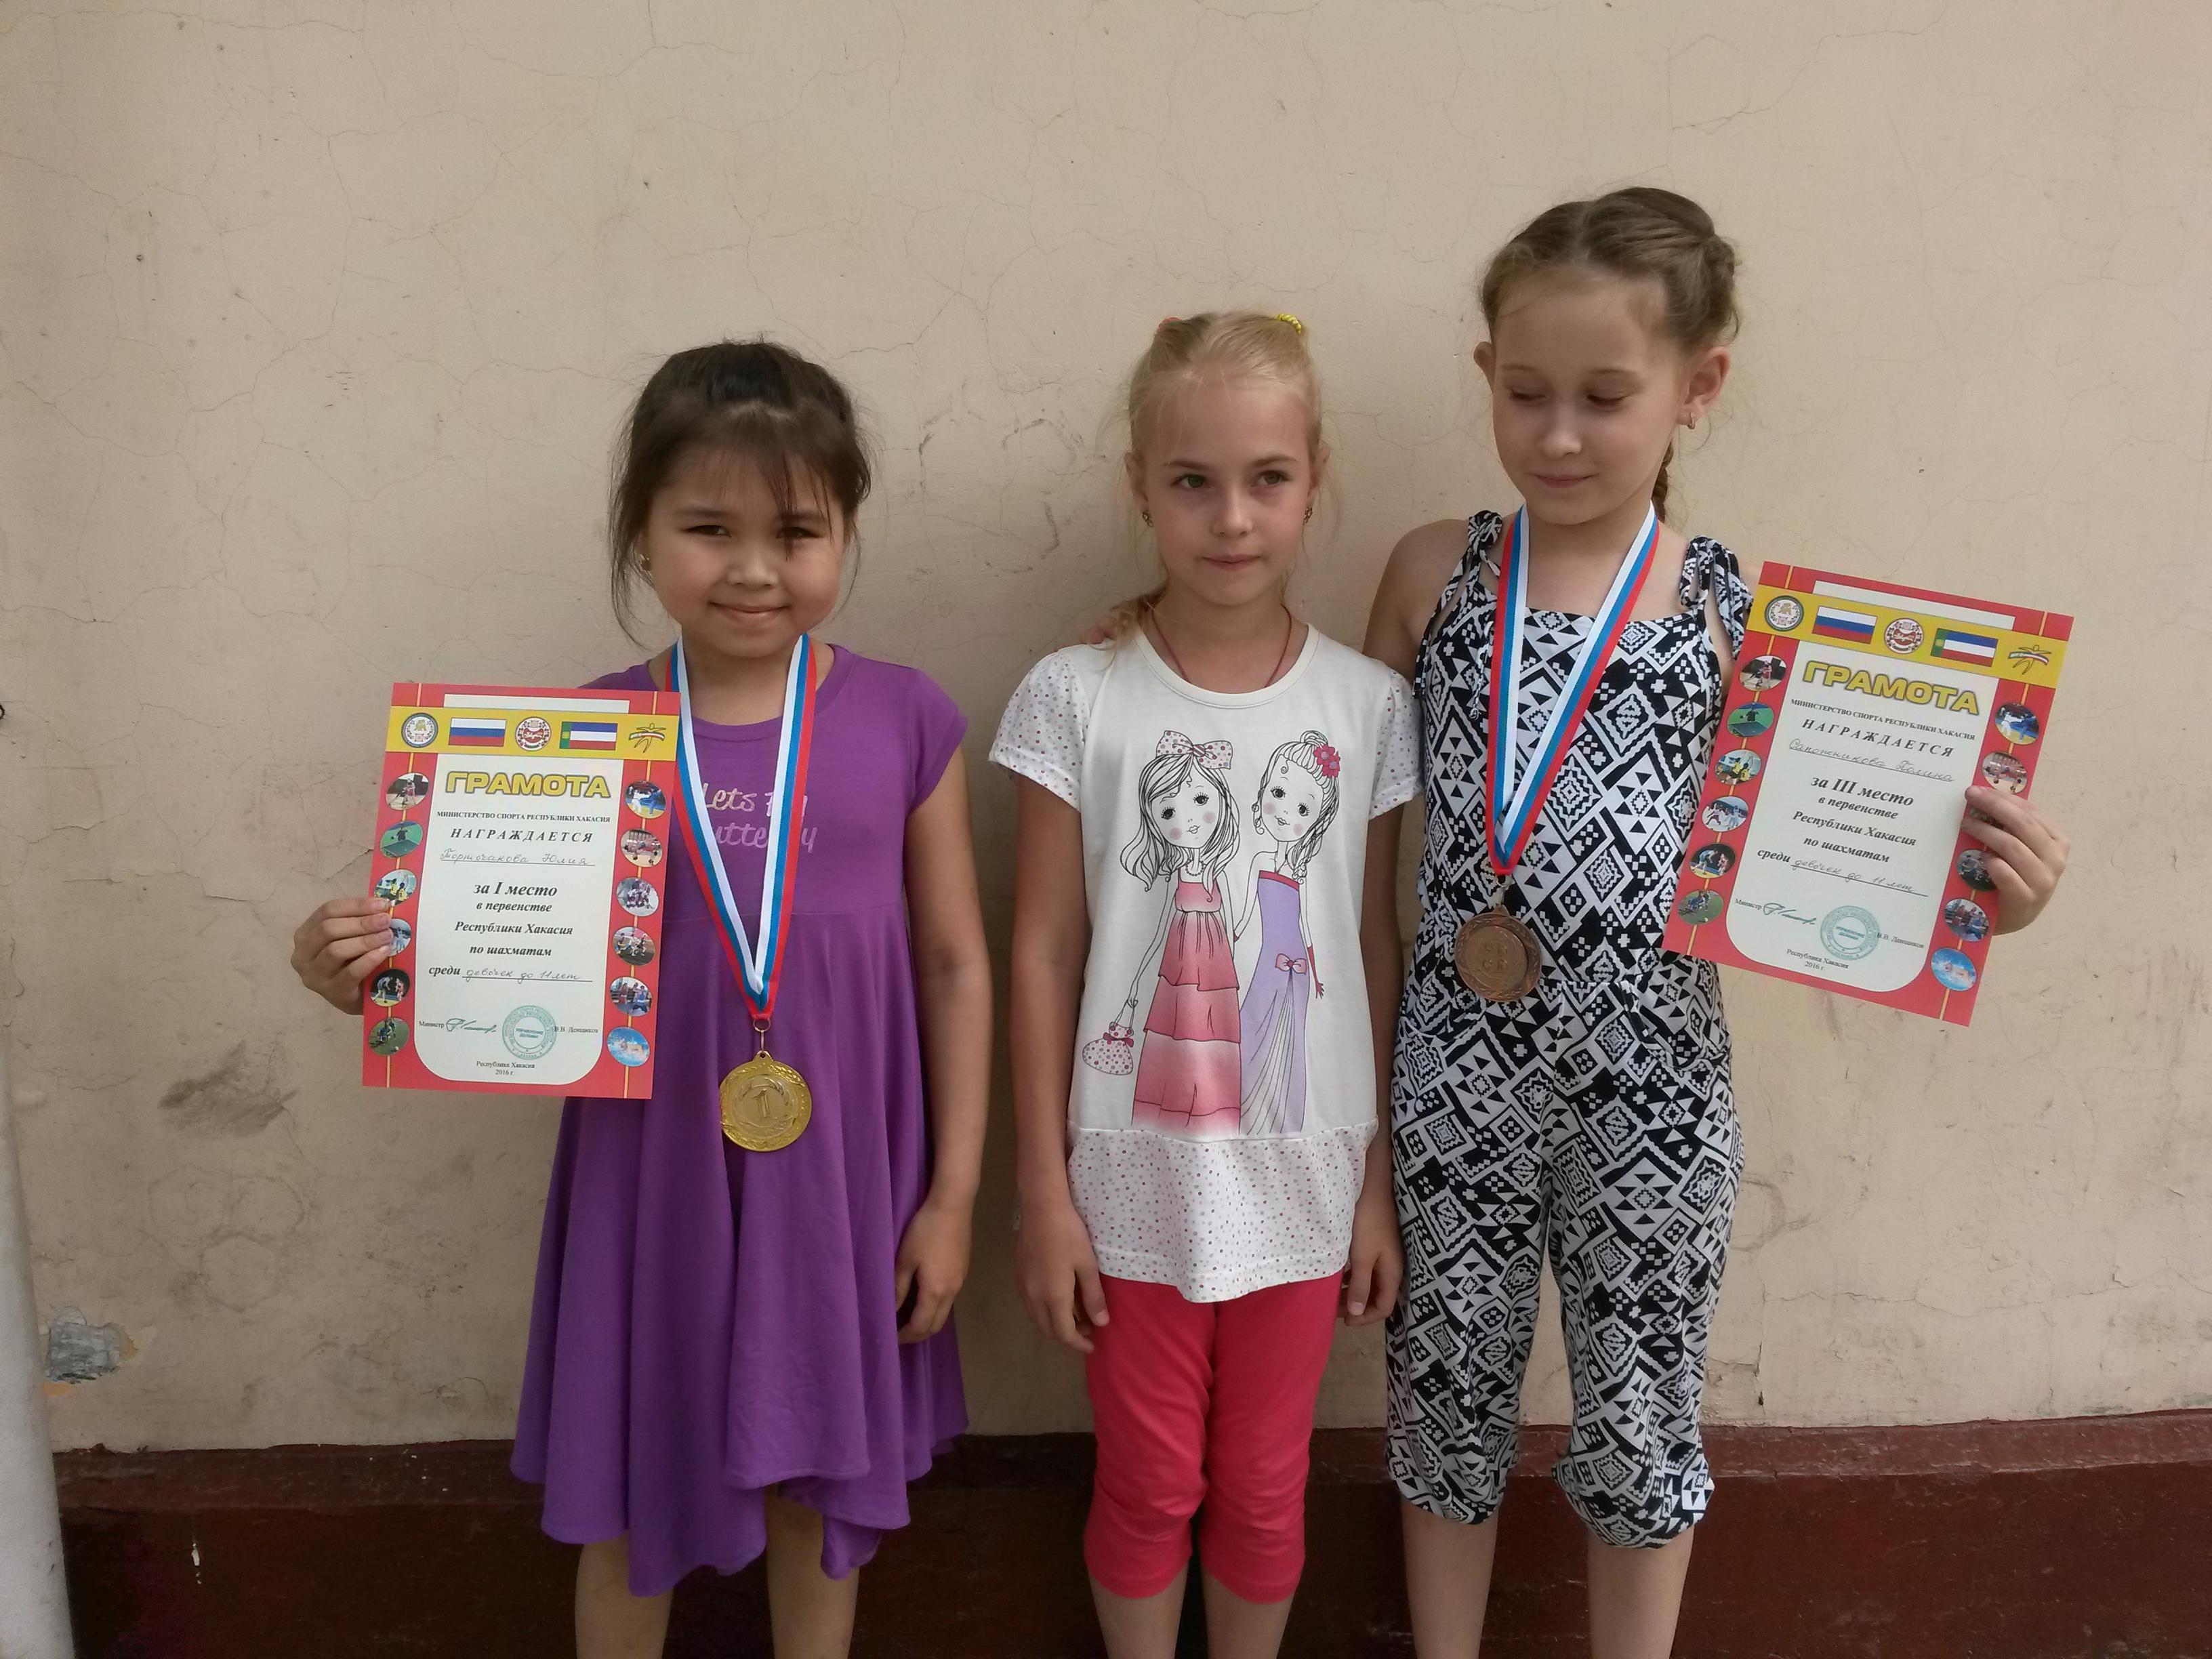 Девочки не старше 10 лет.Слева направо:Юлия Торточакова(чемпионка),Кислицина Дарья(4 место),Сапожникова Полина(3 место).